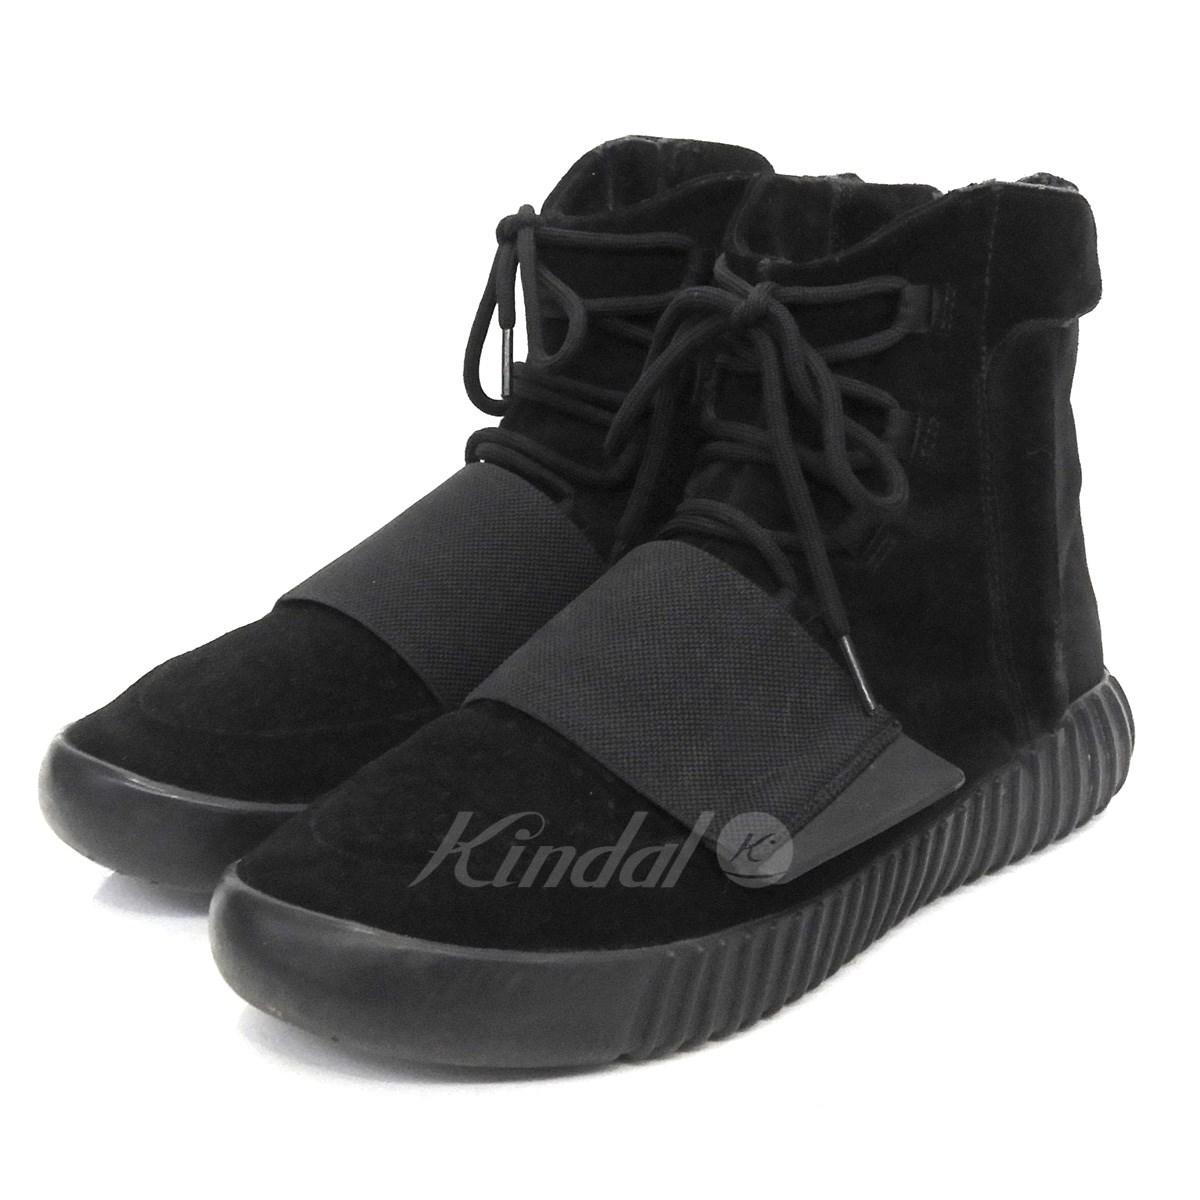 【中古】adidas originals by Kanye West 「YEEZY BOOST 750」スニーカー トリプルブラック サイズ:28cm 【送料無料】 【120319】(アディダスオリジナルスバイカニエウエスト)